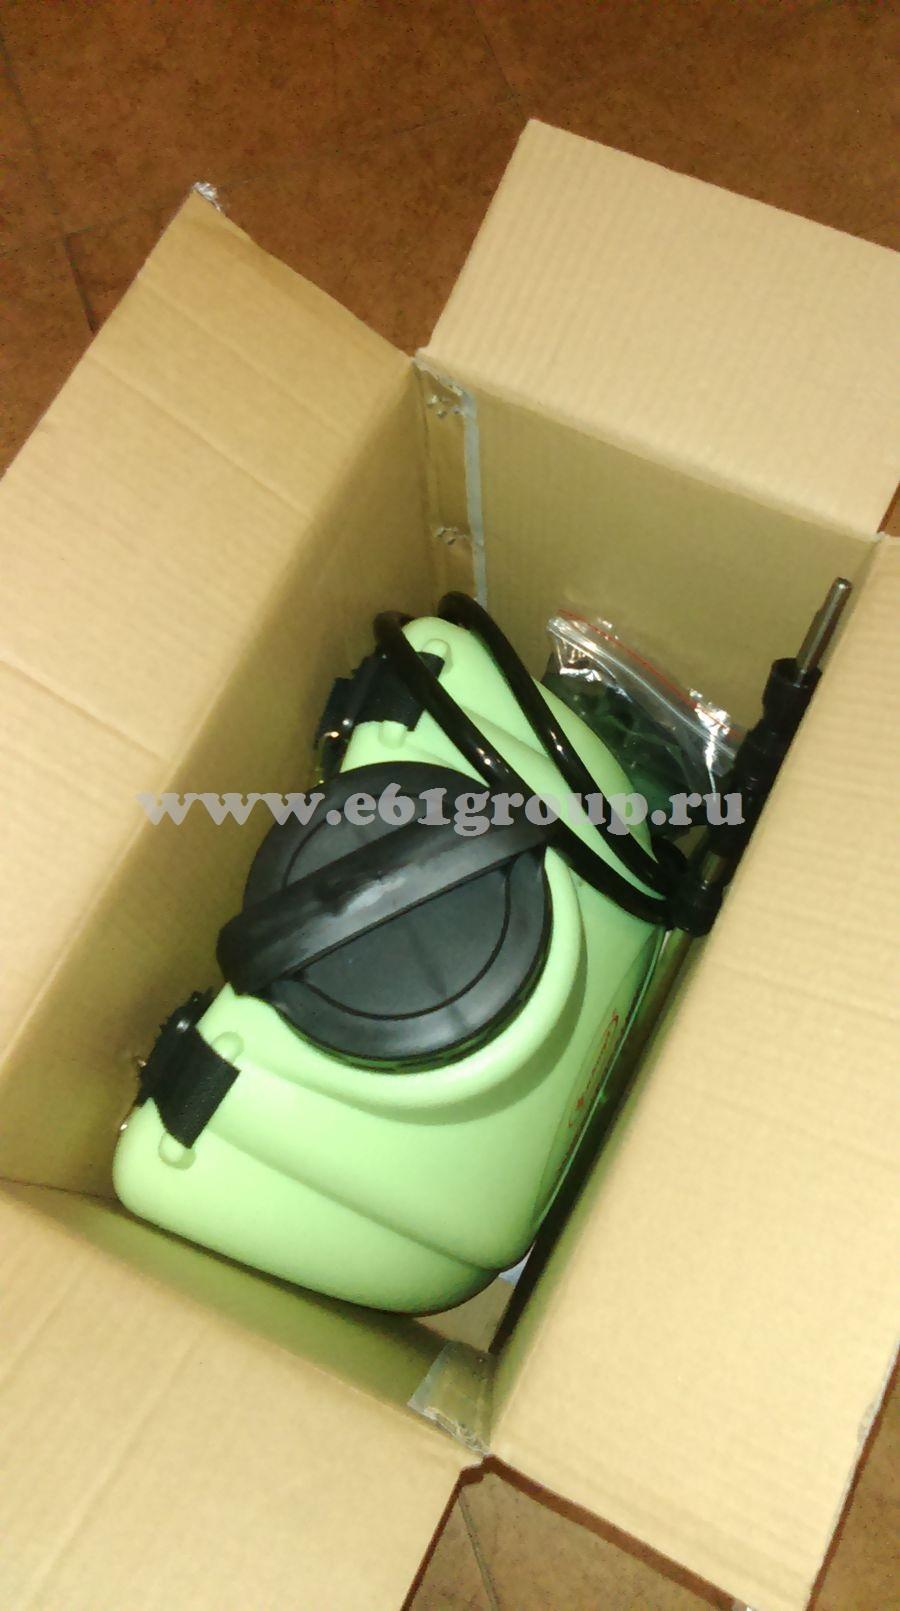 Опрыскиватель электрический Комфорт (Умница) ОЭ-12 оптом